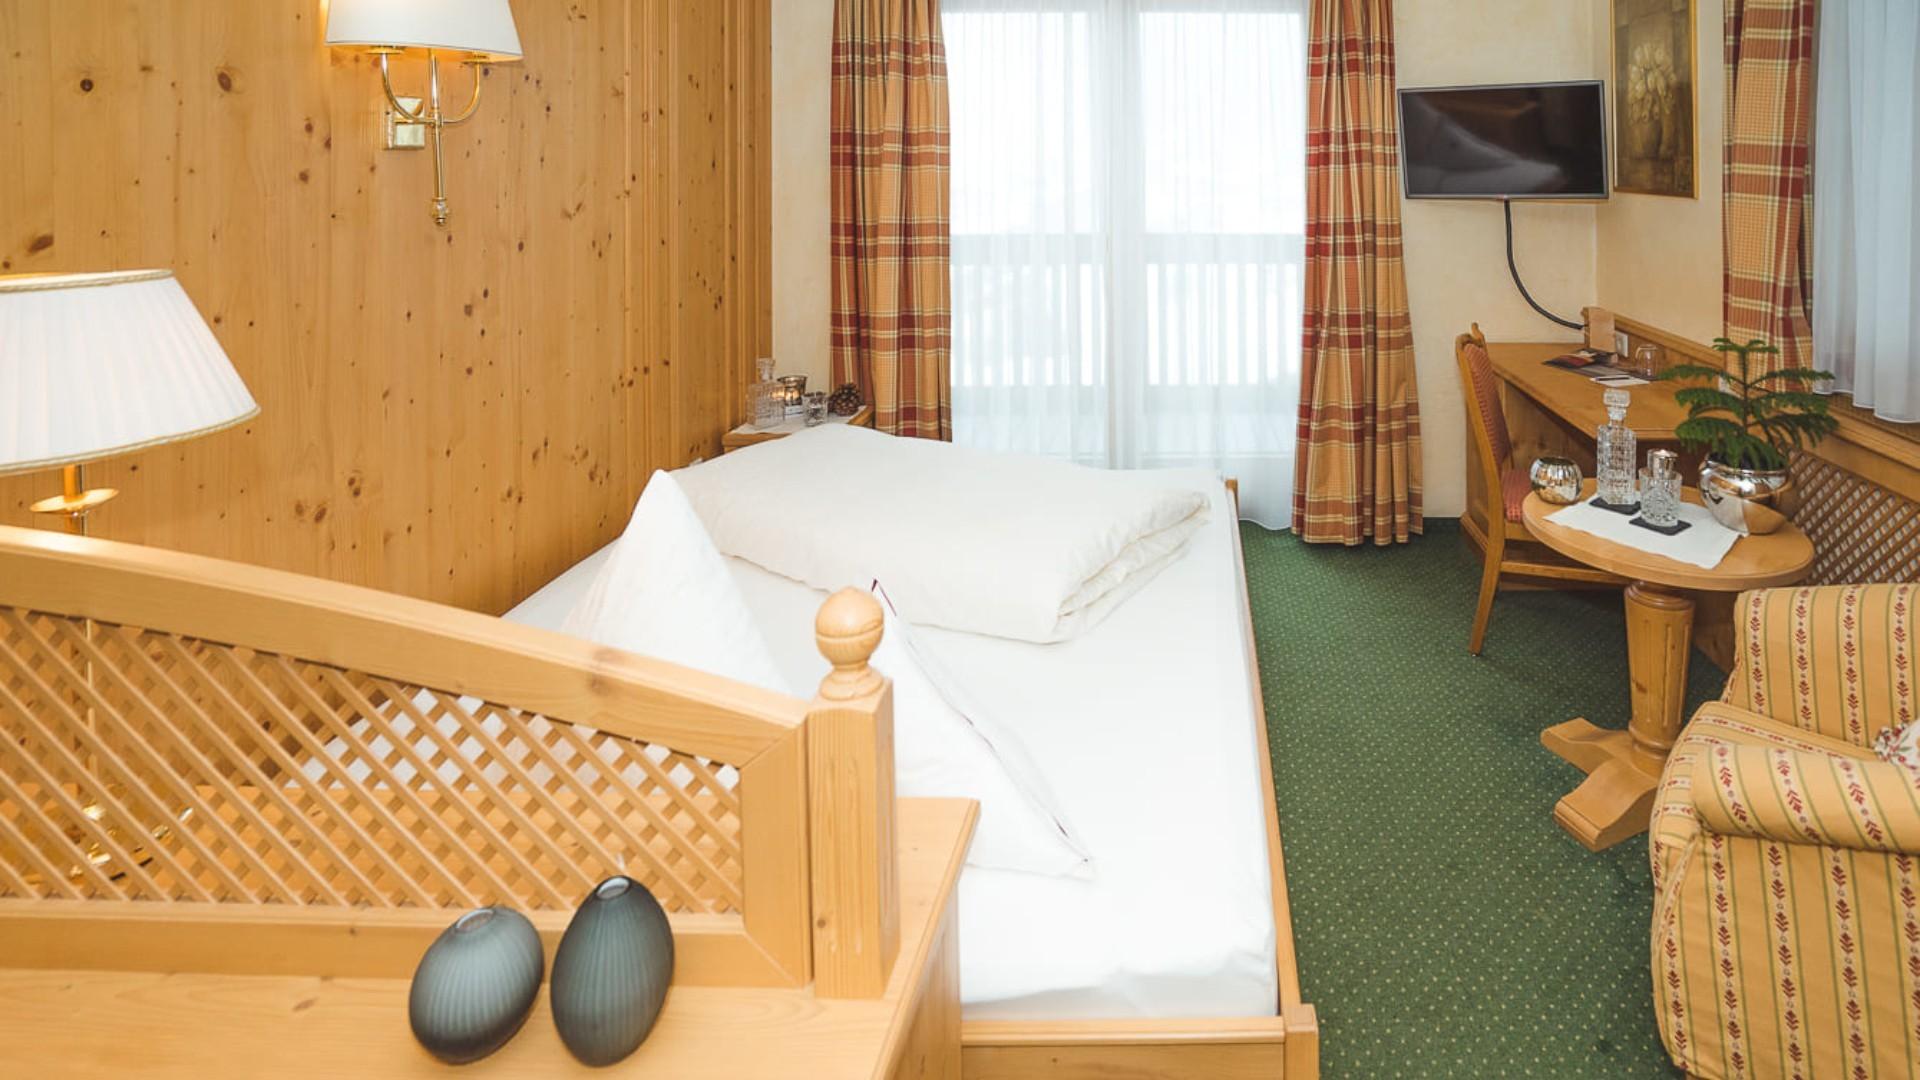 Grand Lit mit Schreibtisch, Sitzgelegenheit und Balkon im Schlafzimmer Wöster im Hotel in Lech.